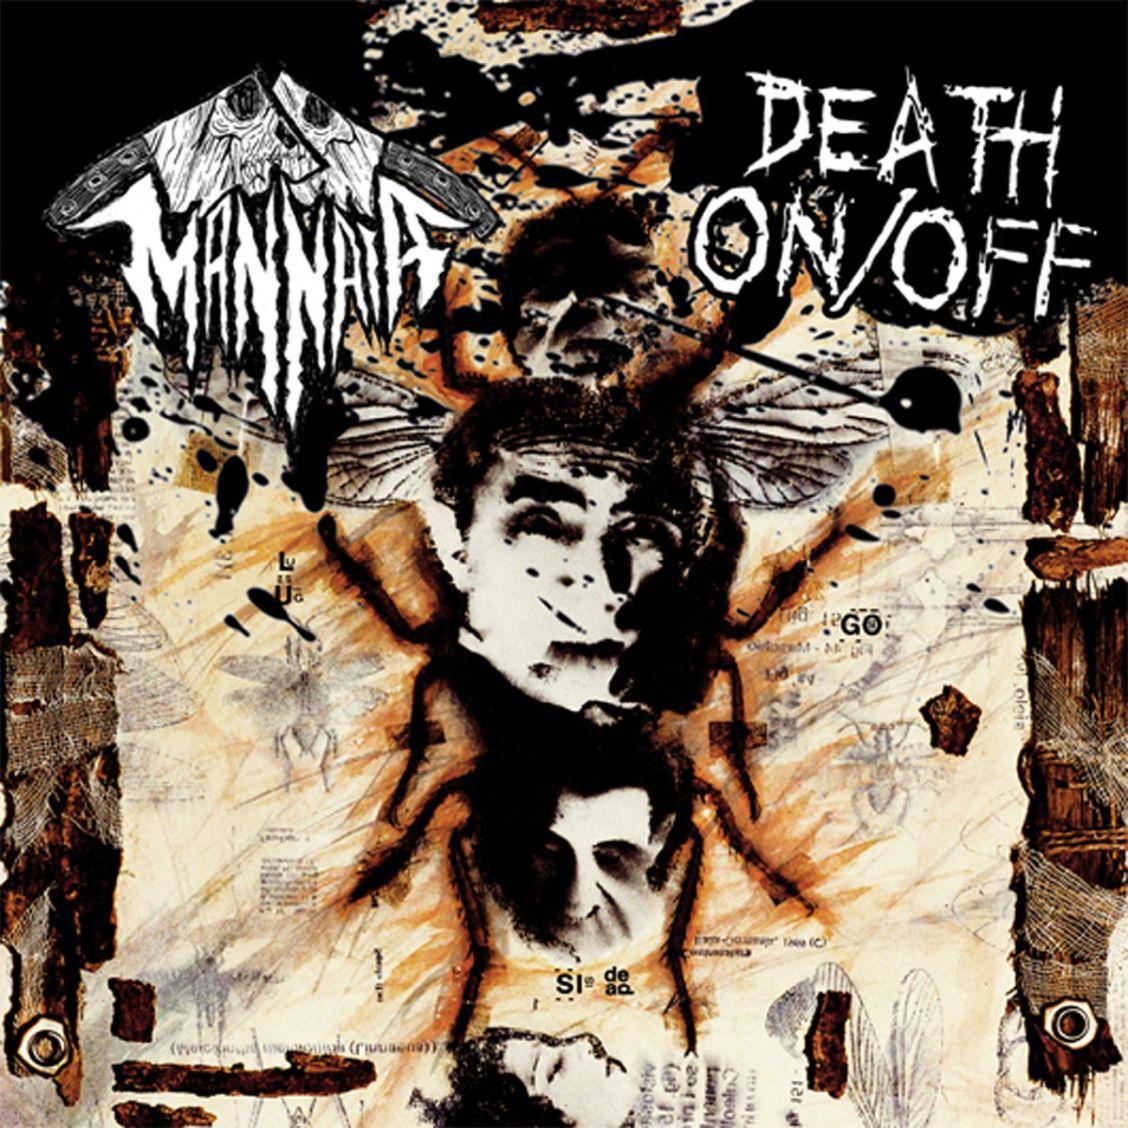 Death On/Off / Mannaia - Mannaia / Death On/Off